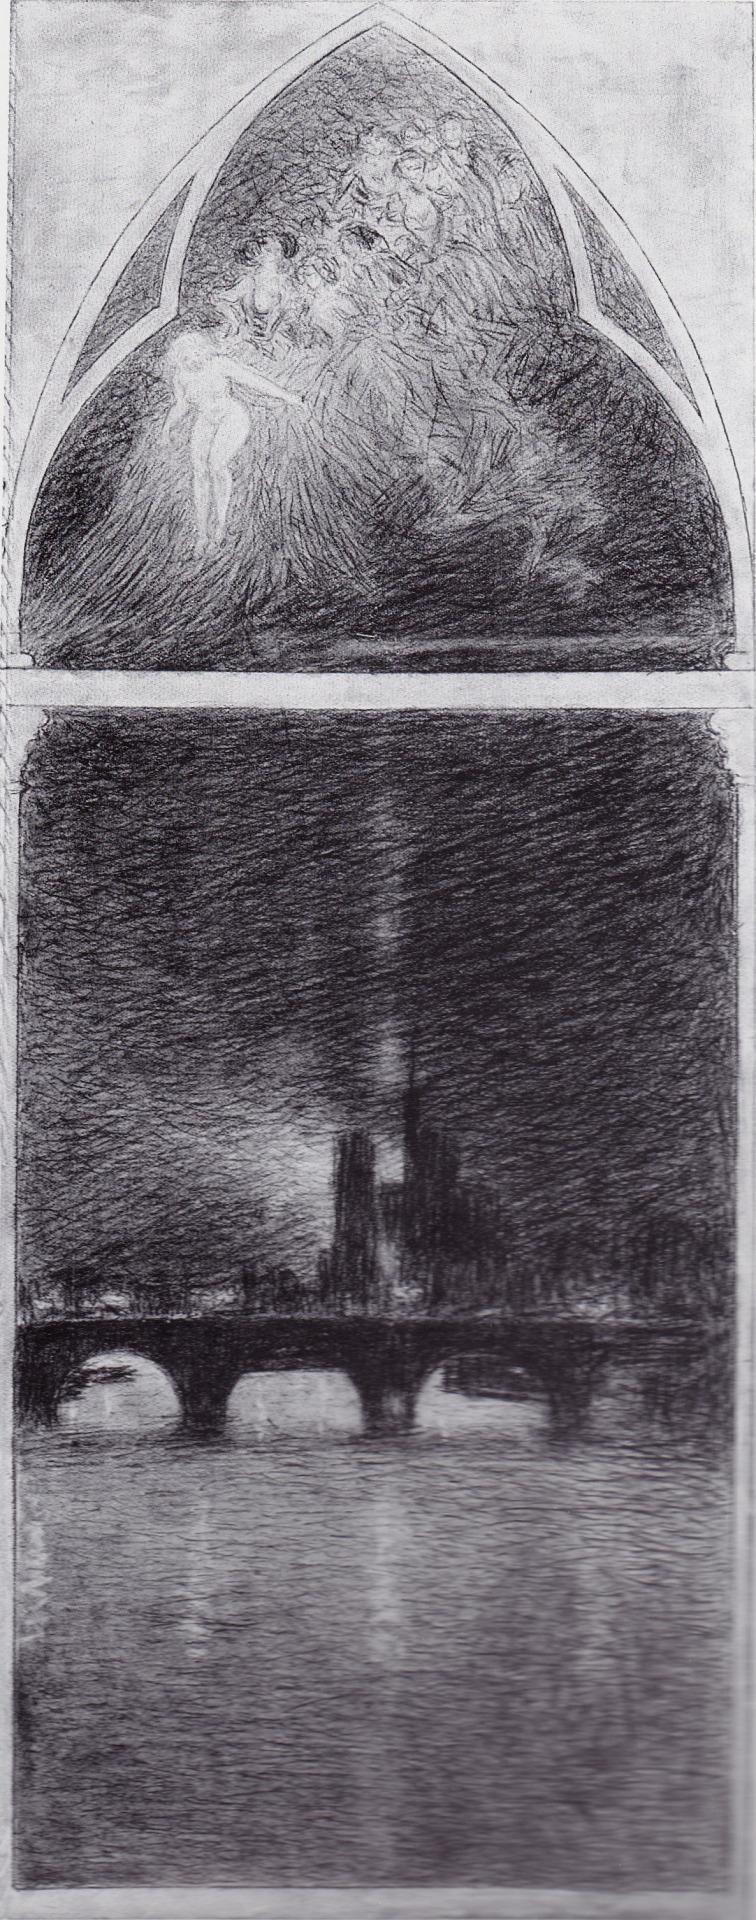 Notte a Parigi, 1906. Carboncino